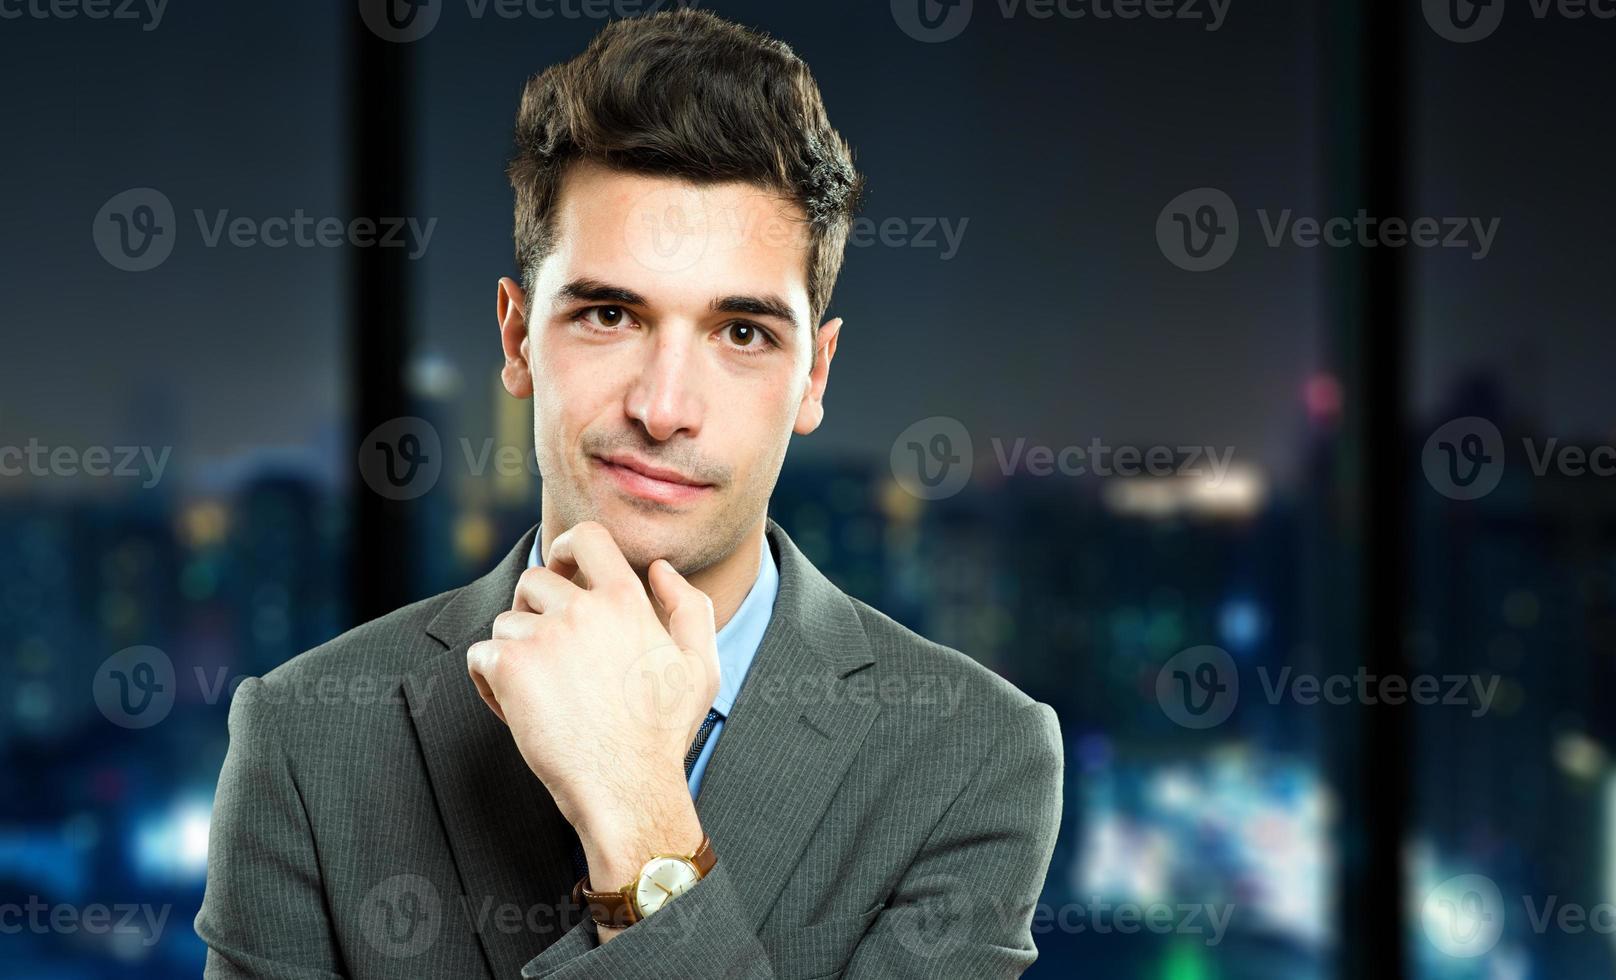 junger Manager in seinem Büro in der Nacht foto